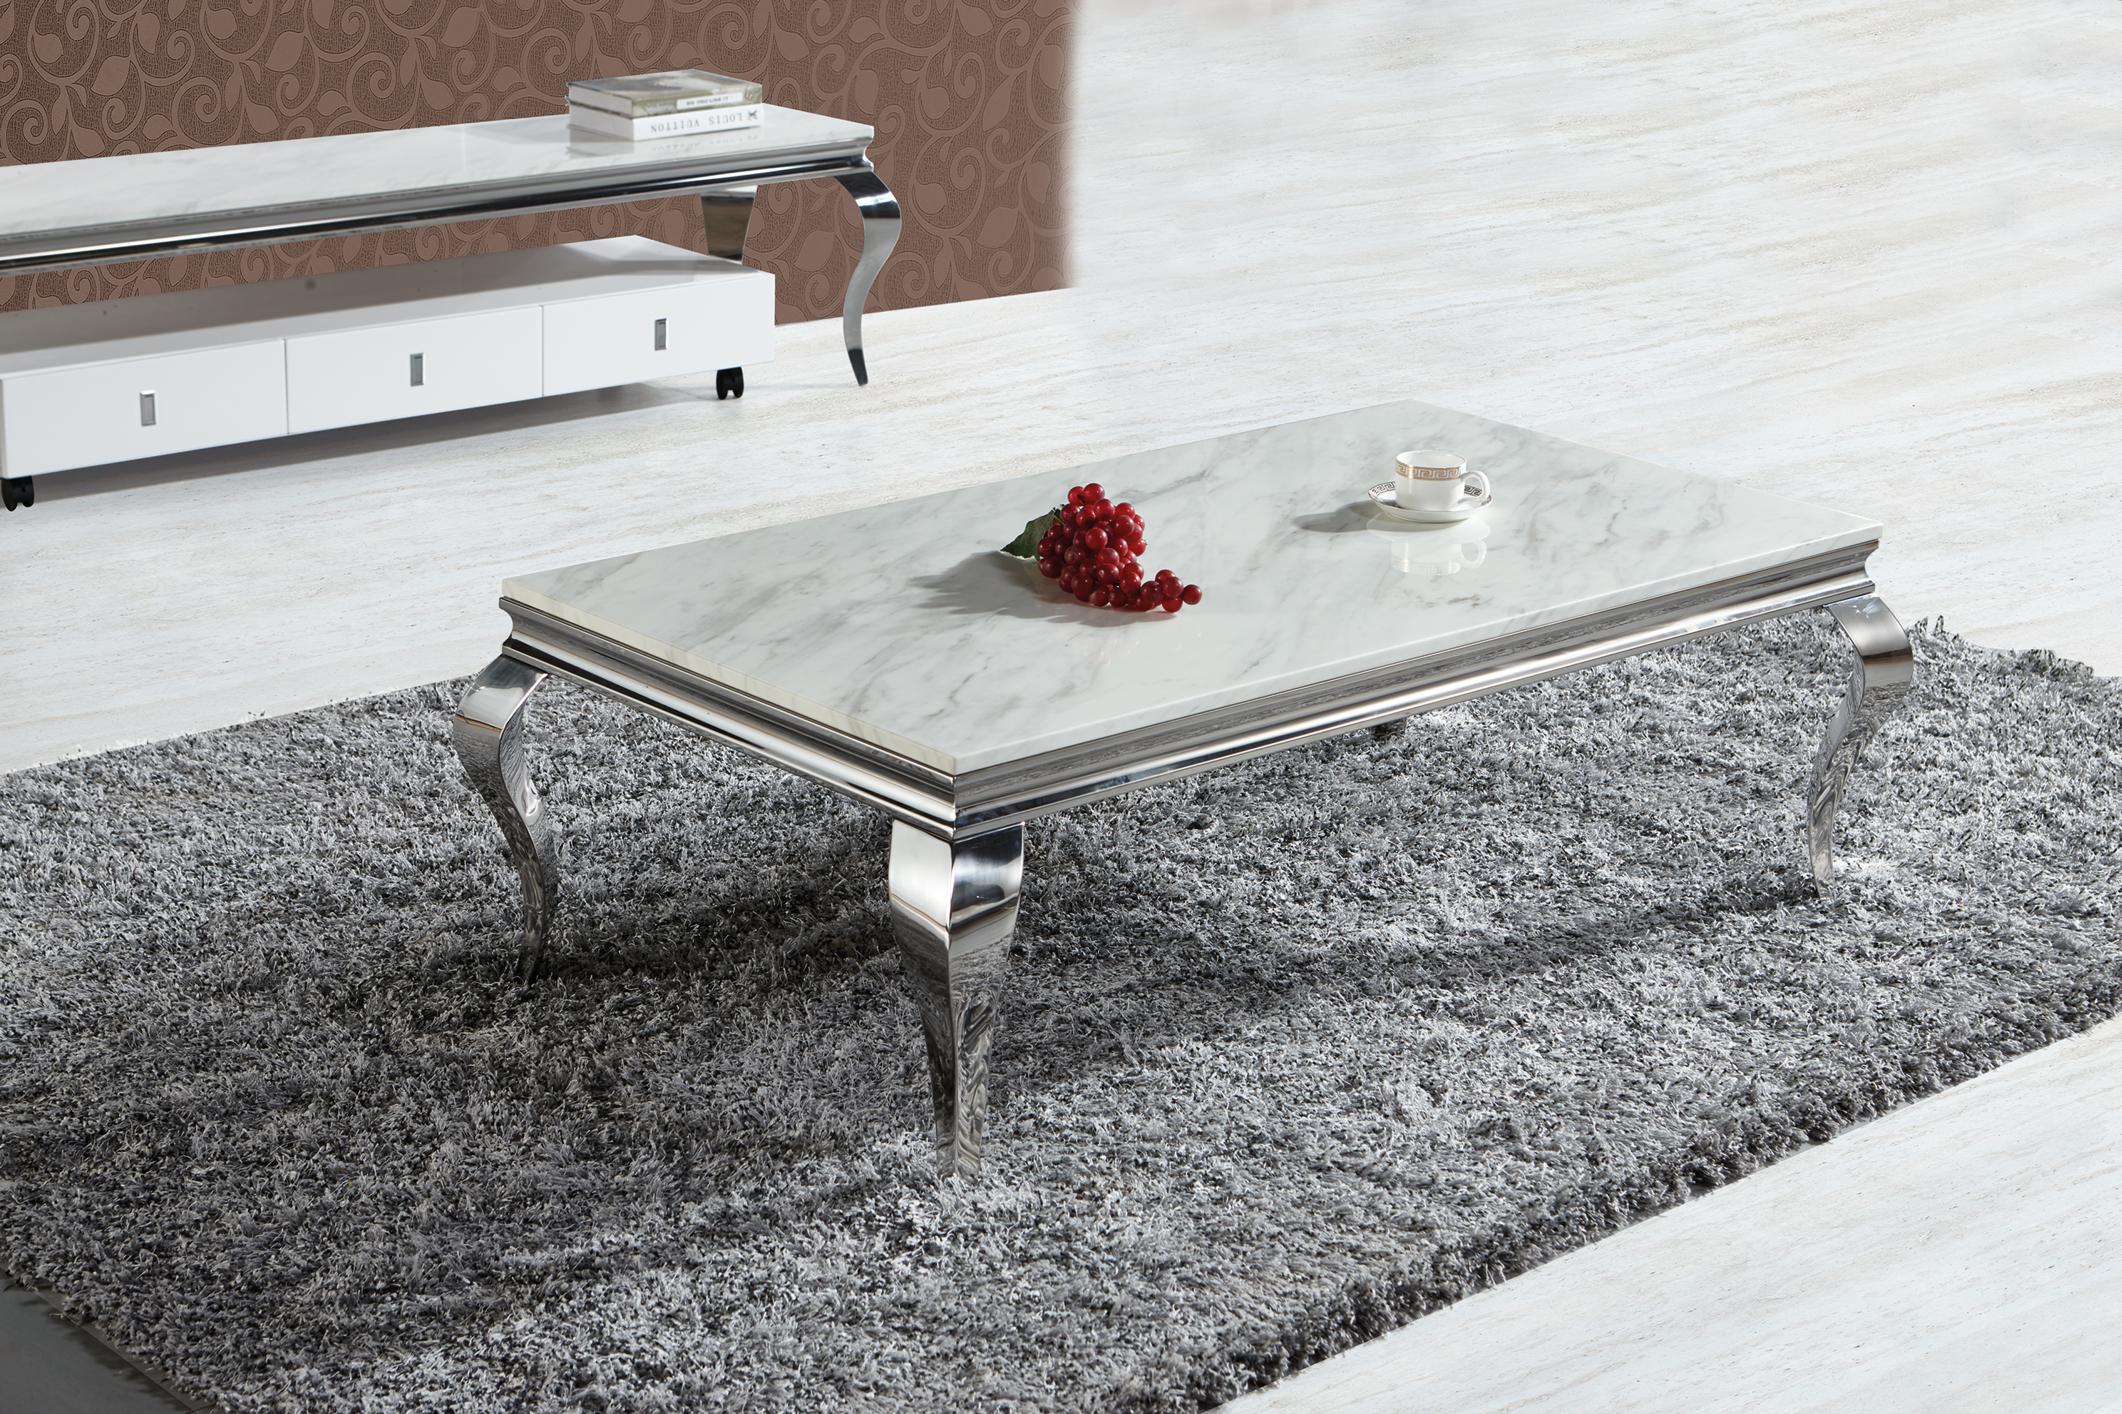 Couch Tisch Polo In Chrom Optik Silber Aus Metall Edelstahl 130 X 70 Cm Mit Marmoroptik Steinplatte In Creme